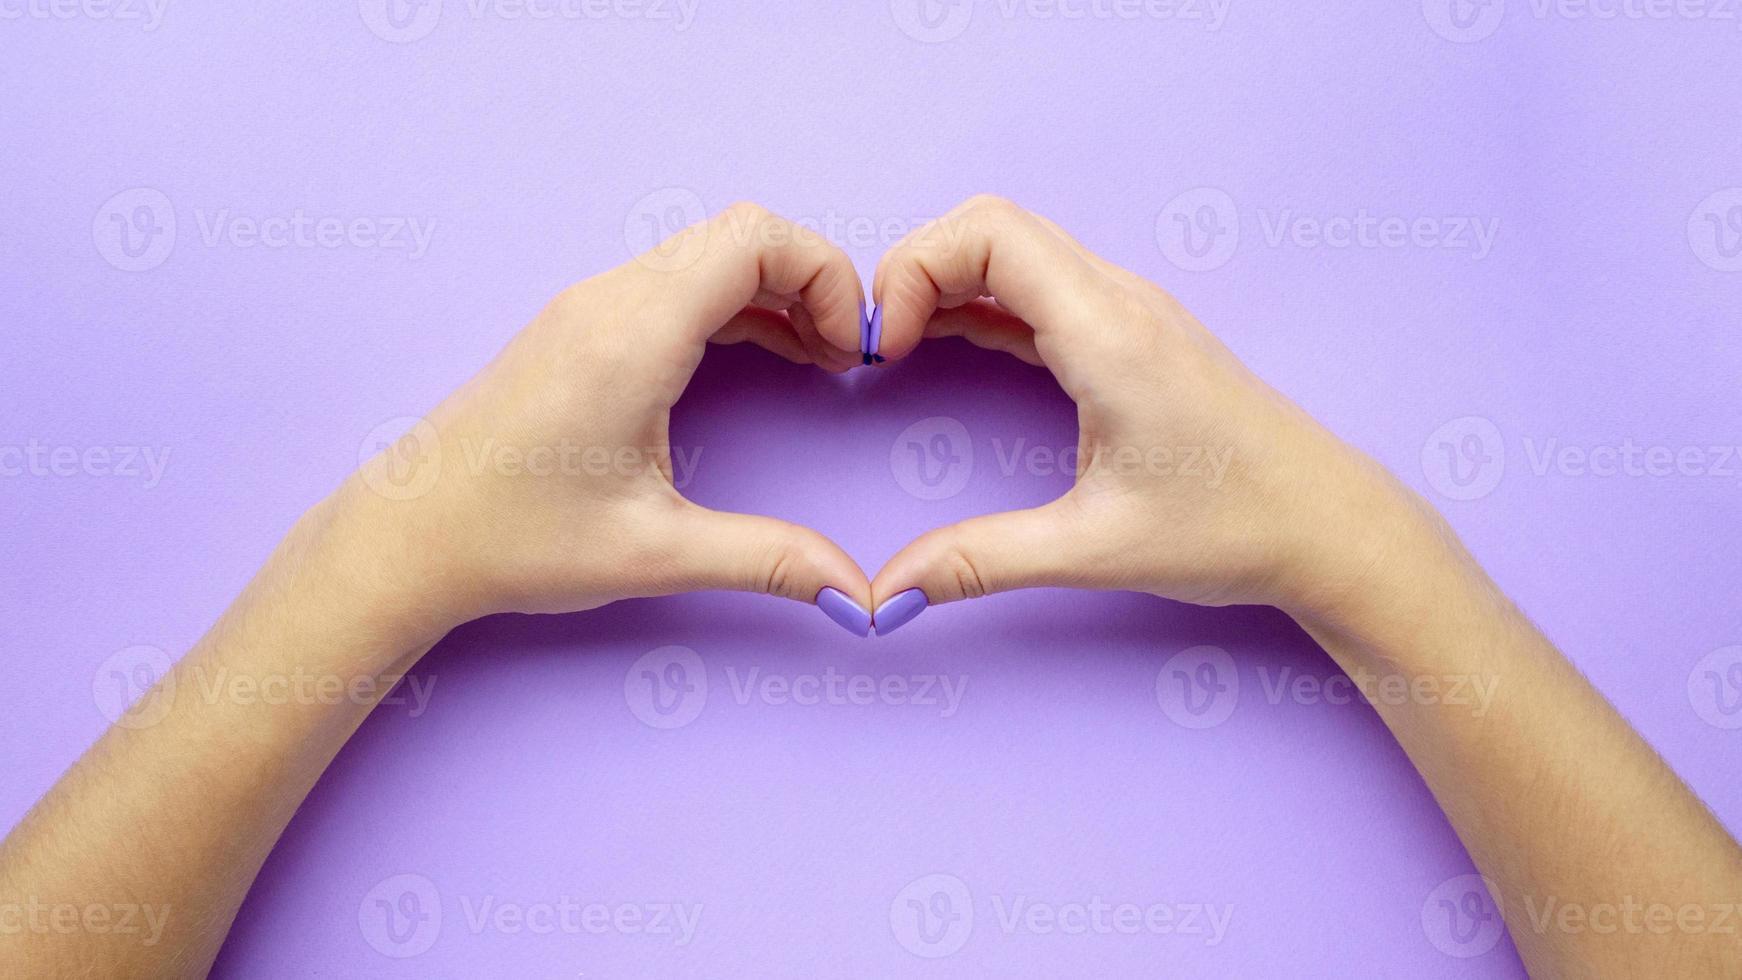 flicka håller händer med hjärta. snygg trendig dammanikyr. vård. foto